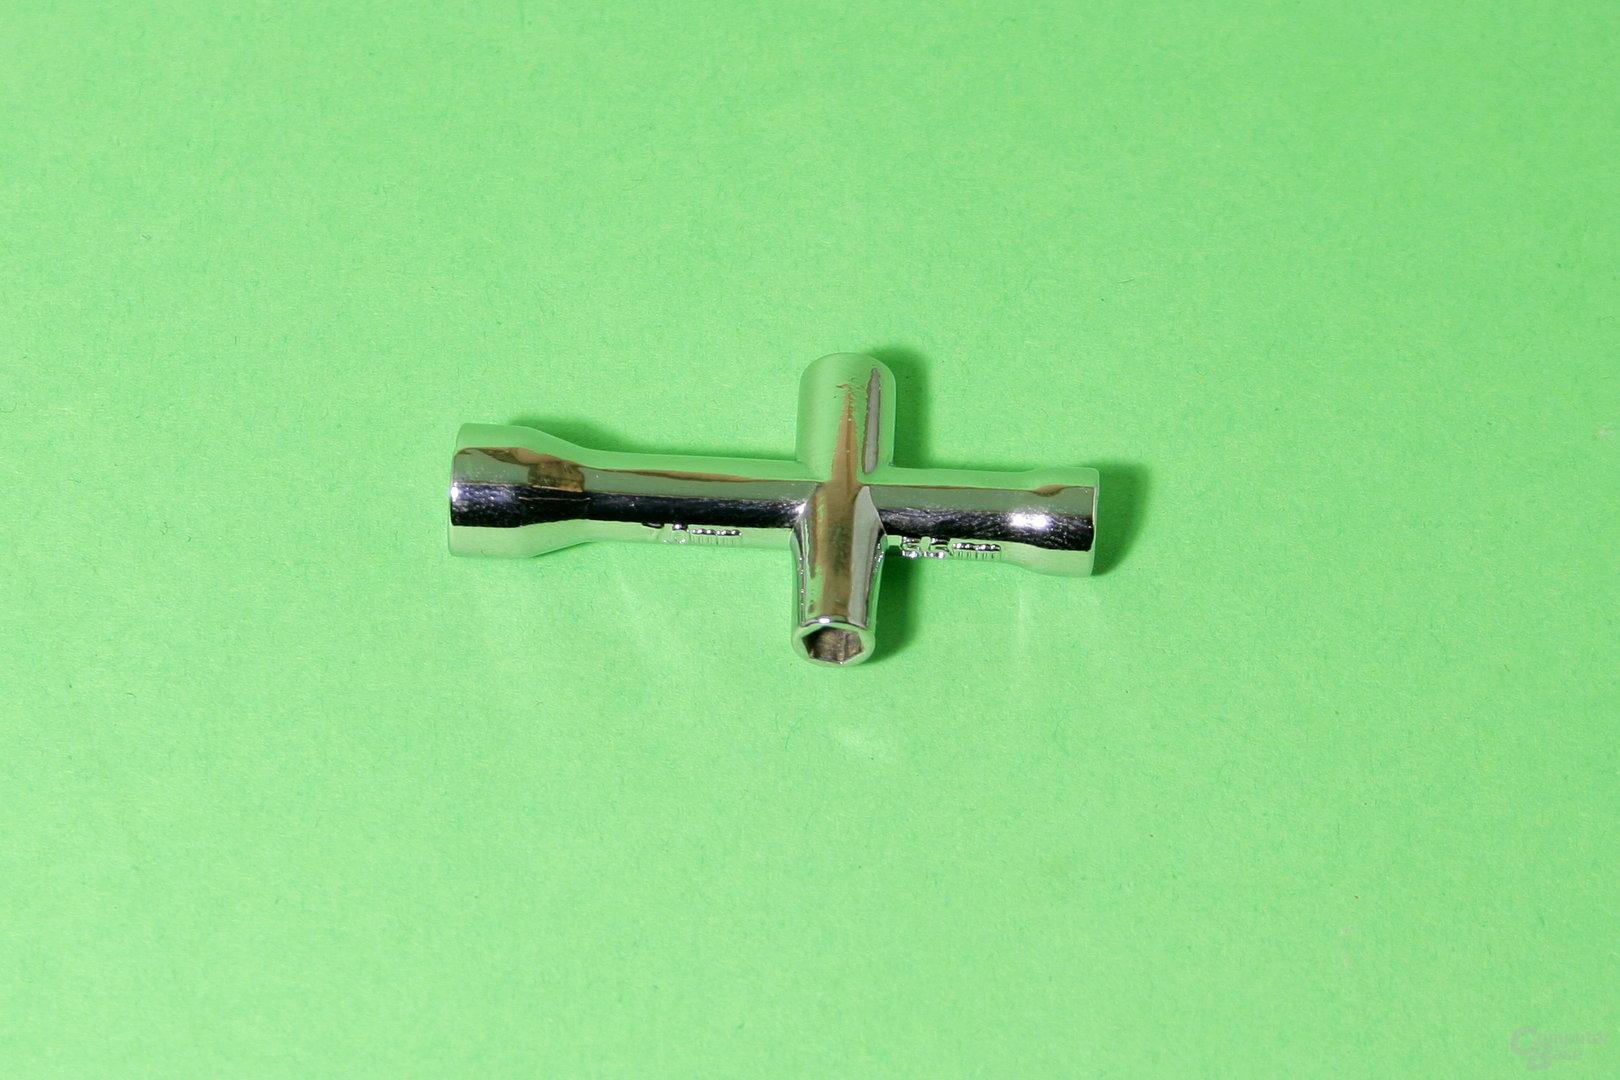 EK Fluid Gaming: Dieses kleine Werkzeug fehlt im Lieferumfang